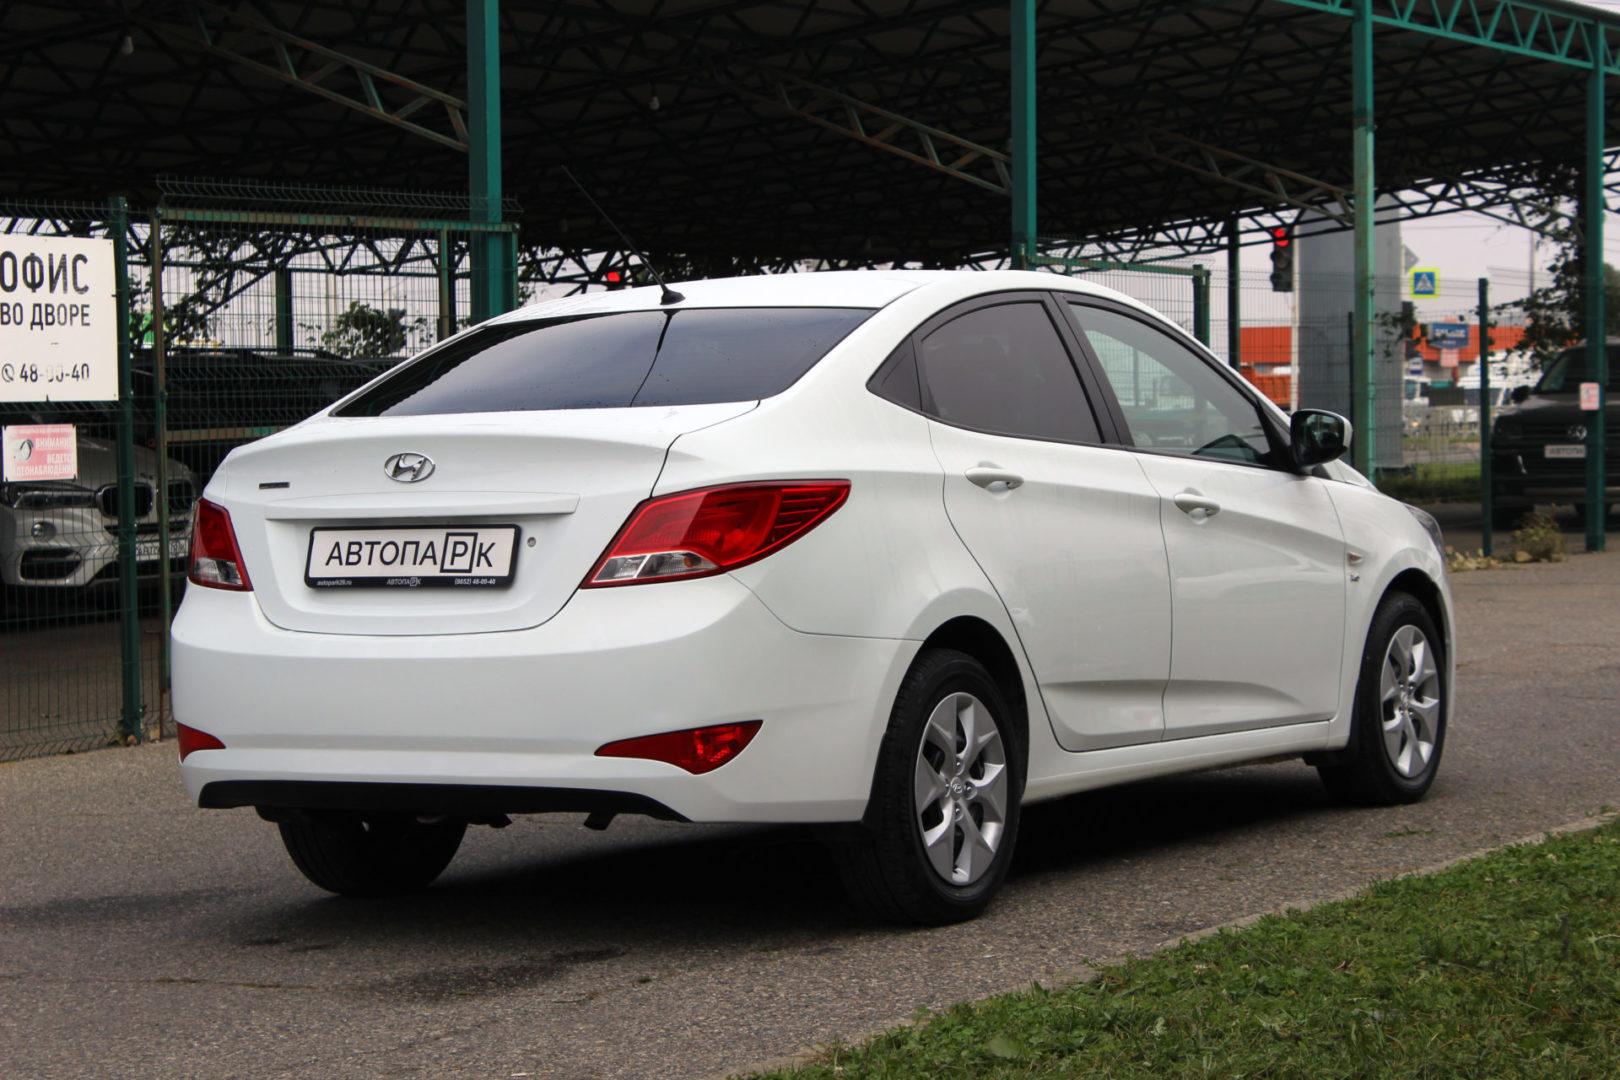 Купить Hyundai Solaris (Белый) - Автопарк Ставрополь